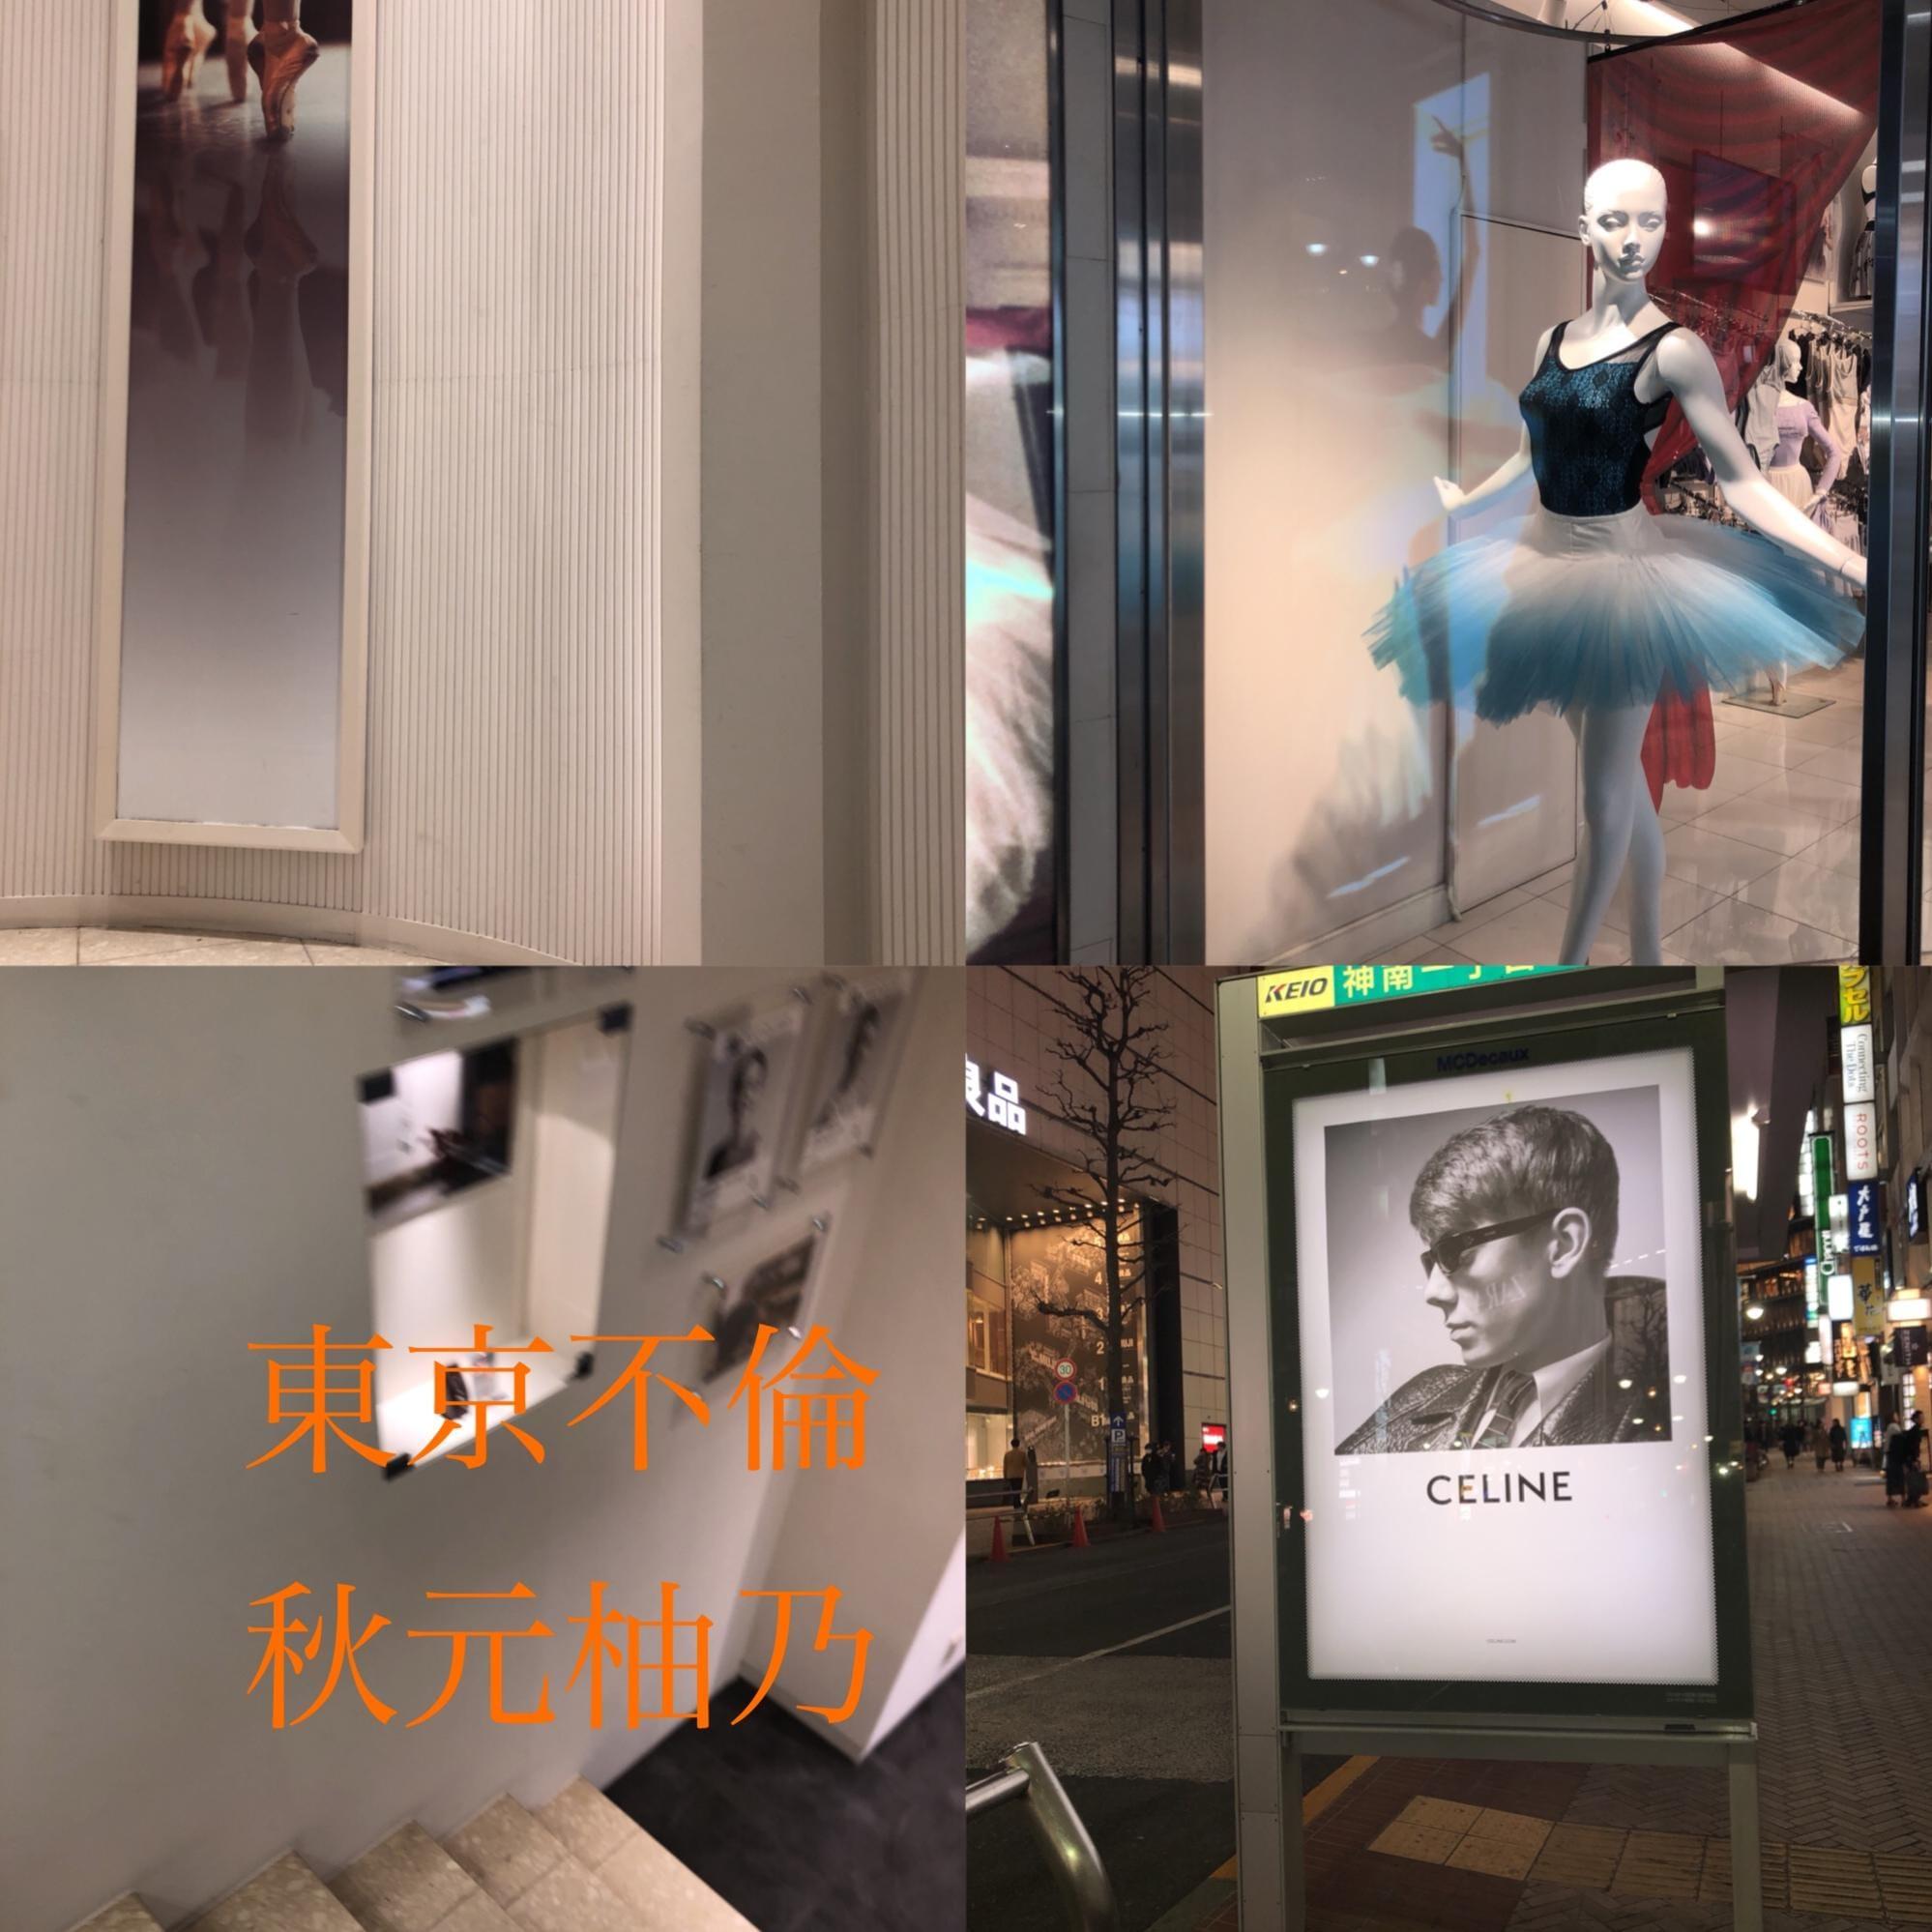 「お礼☆☆☆明後日☆」02/21(02/21) 22:12 | 秋元柚乃(ゆの)の写メ・風俗動画